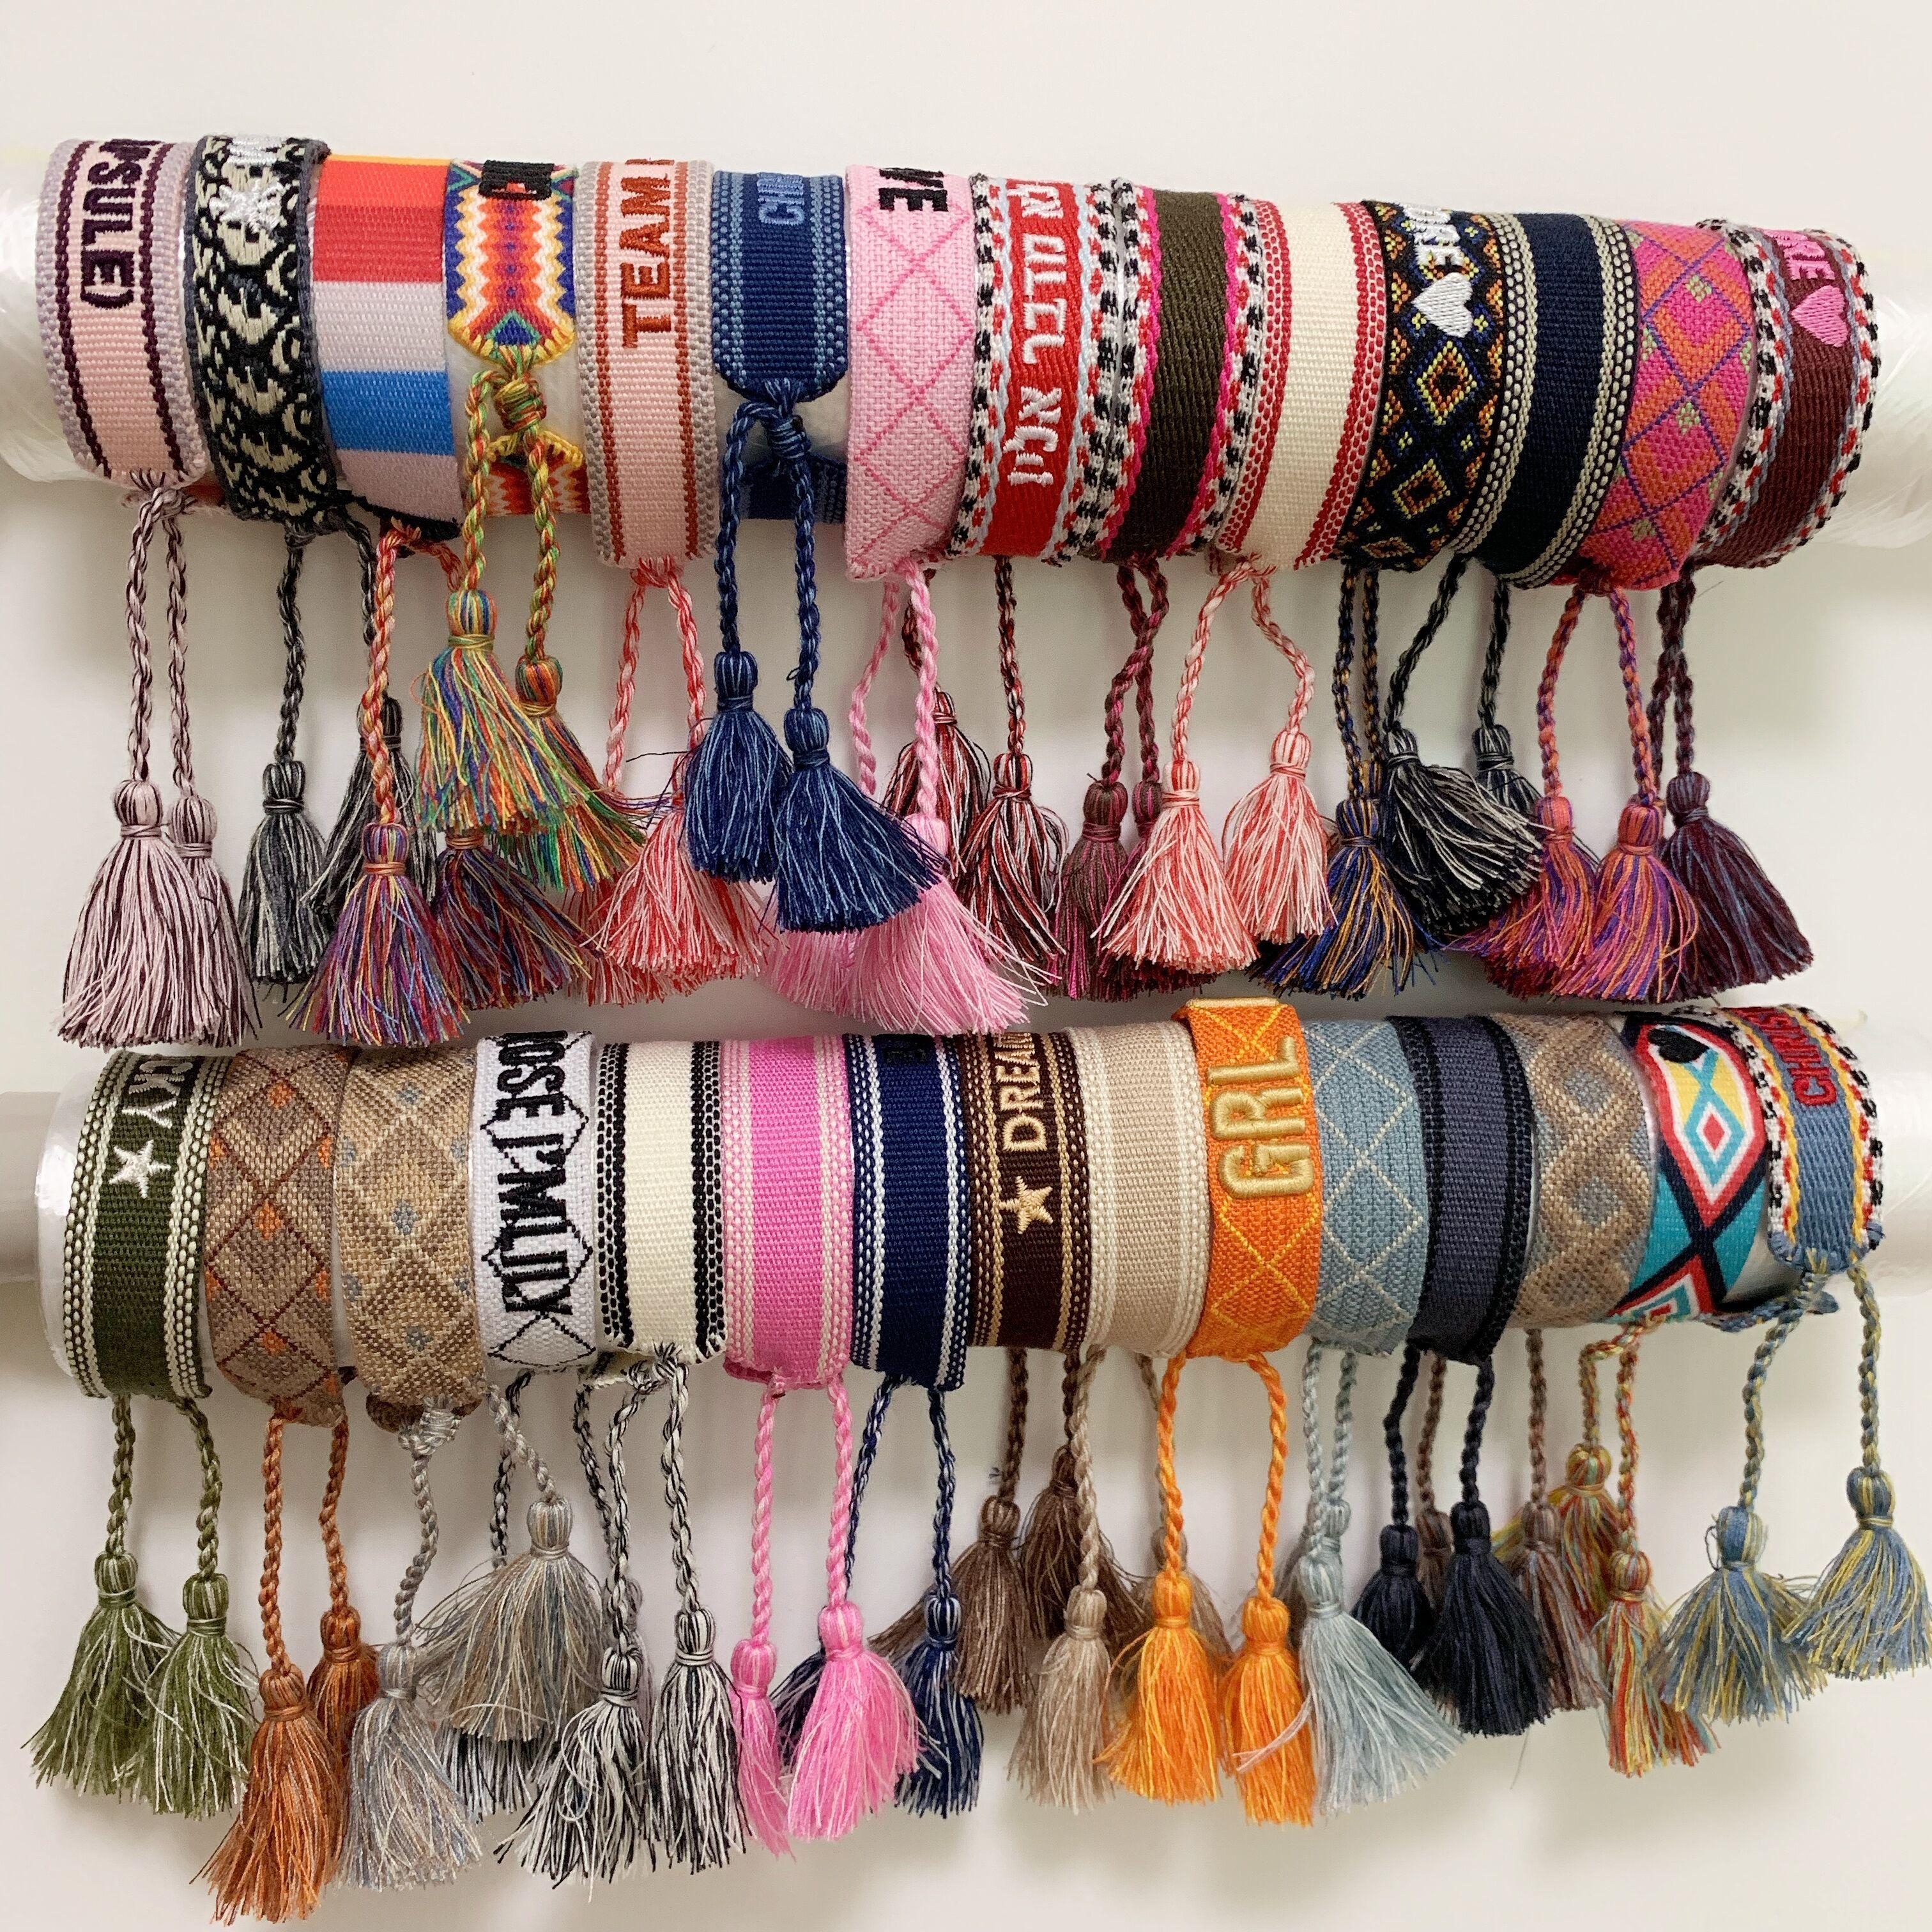 Luxus Stil Seilmaterial Gewebtes Armband mit Nähen Wörtern und Quaste Hand Strap Marke Schmuck für Frauen Geschenk